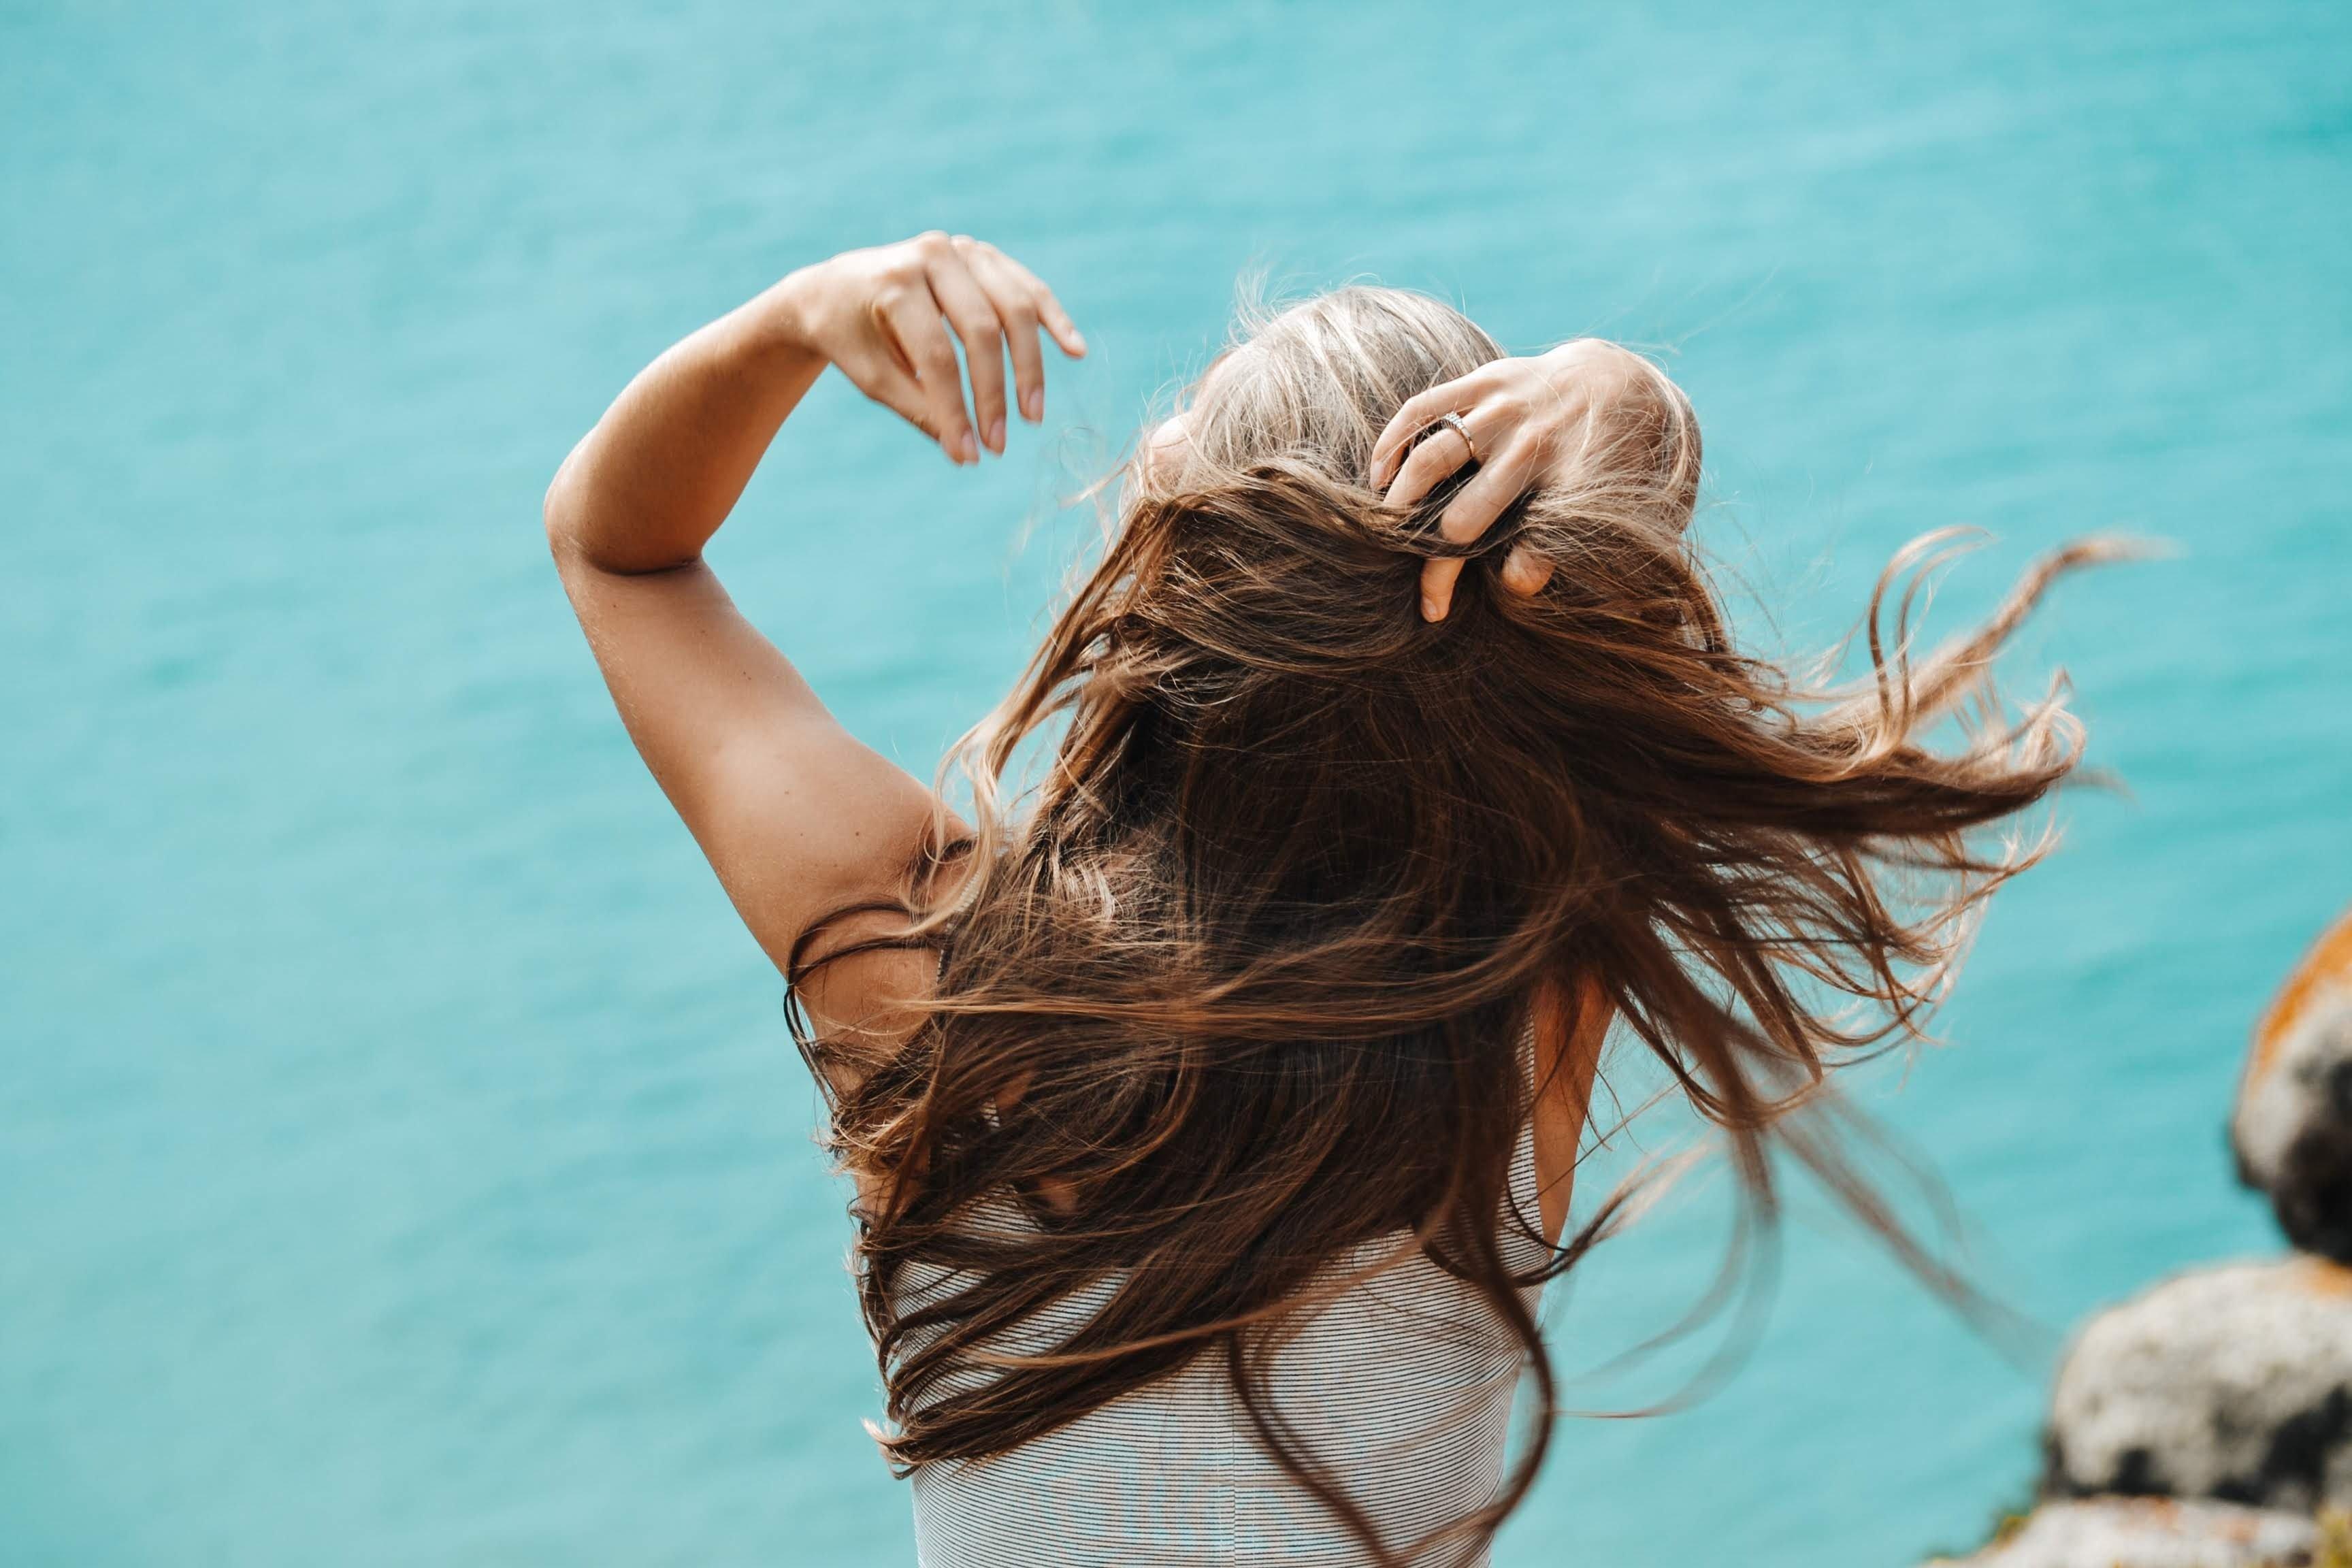 Frau fährt sich durch die Haare